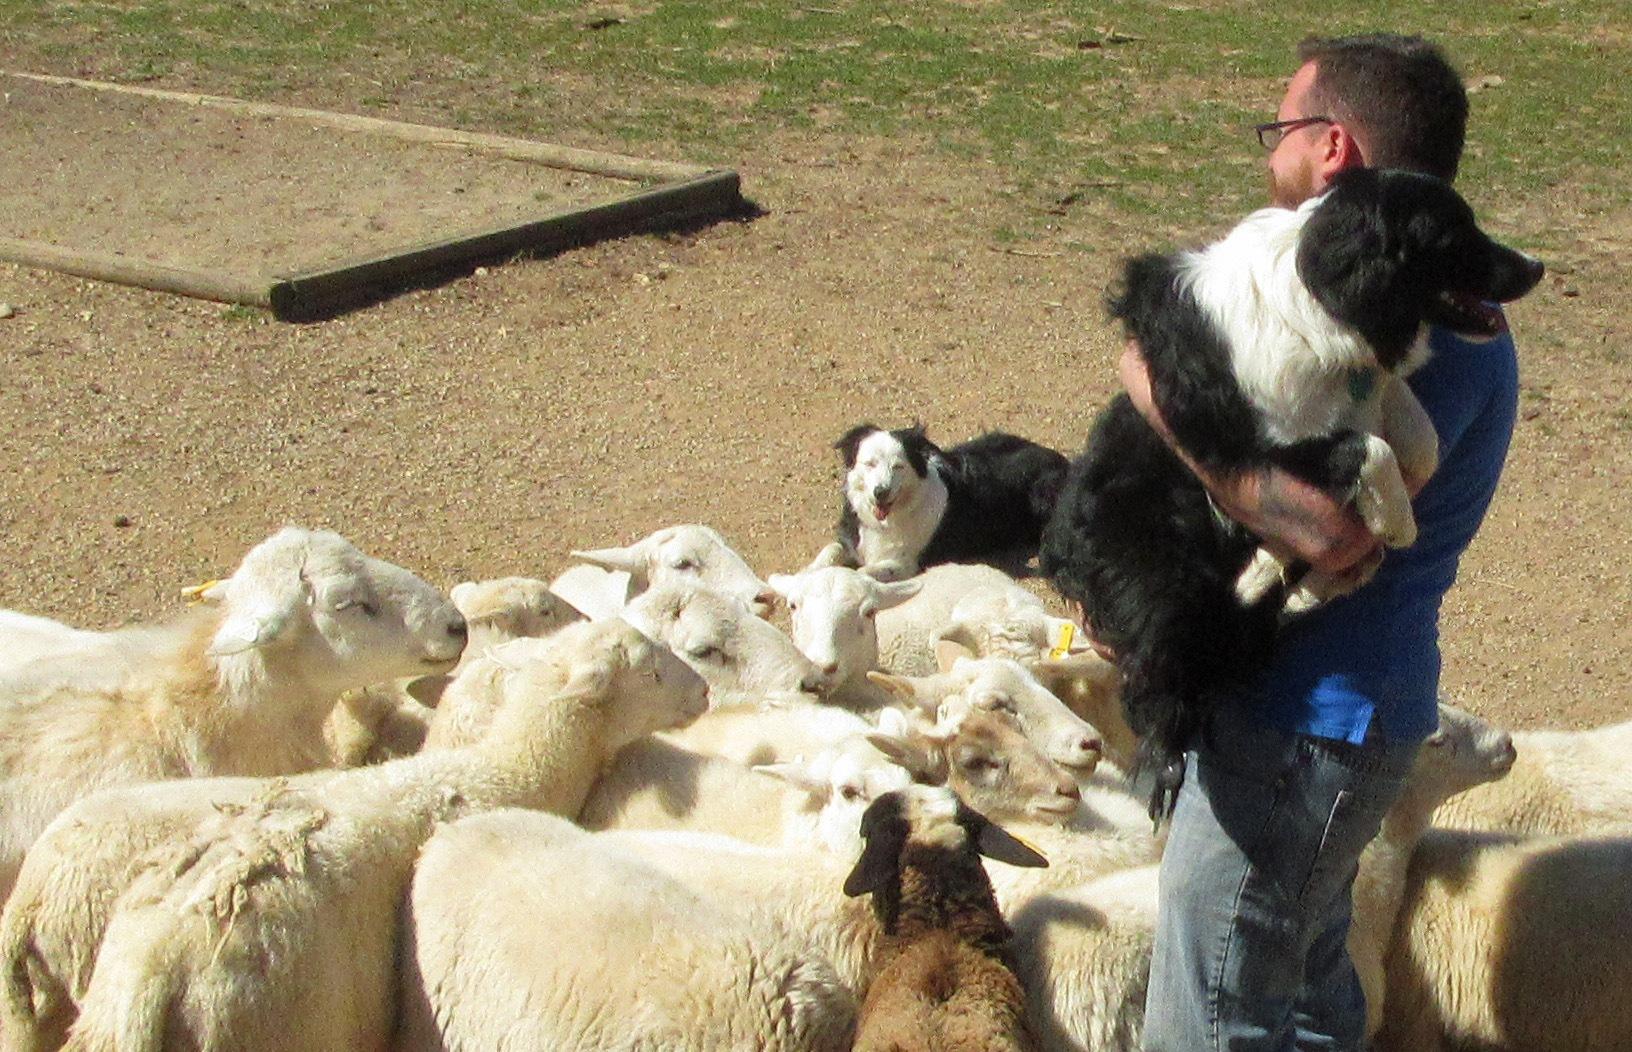 sheep.jpg.057fed0e802c3870713c4dfde955e76c.jpg